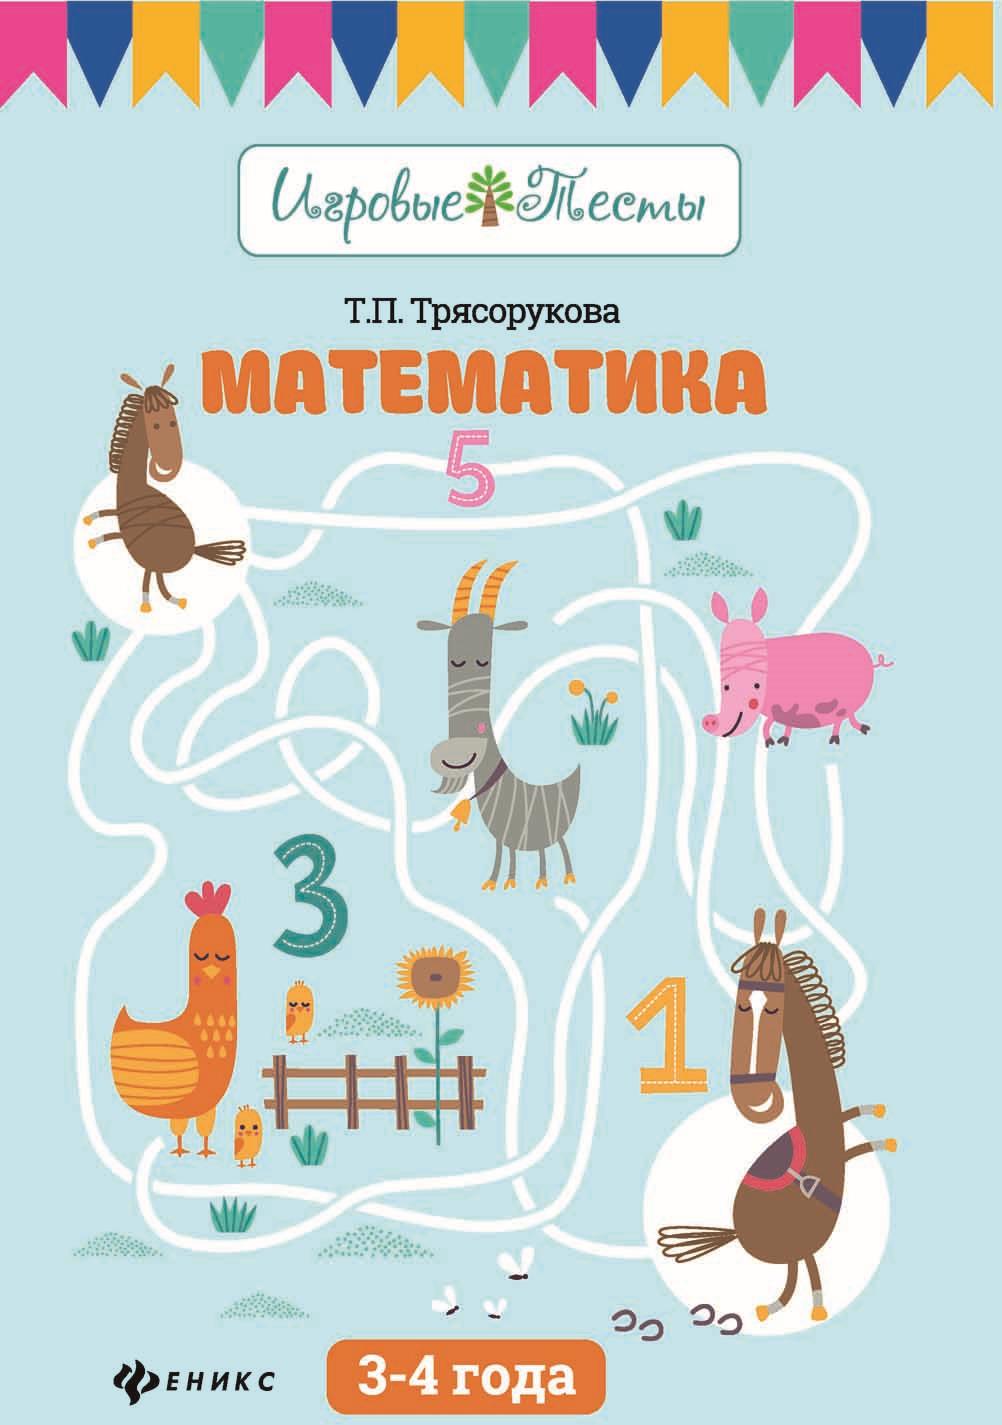 Трясорукова Т.П. Математика. 3-4 года